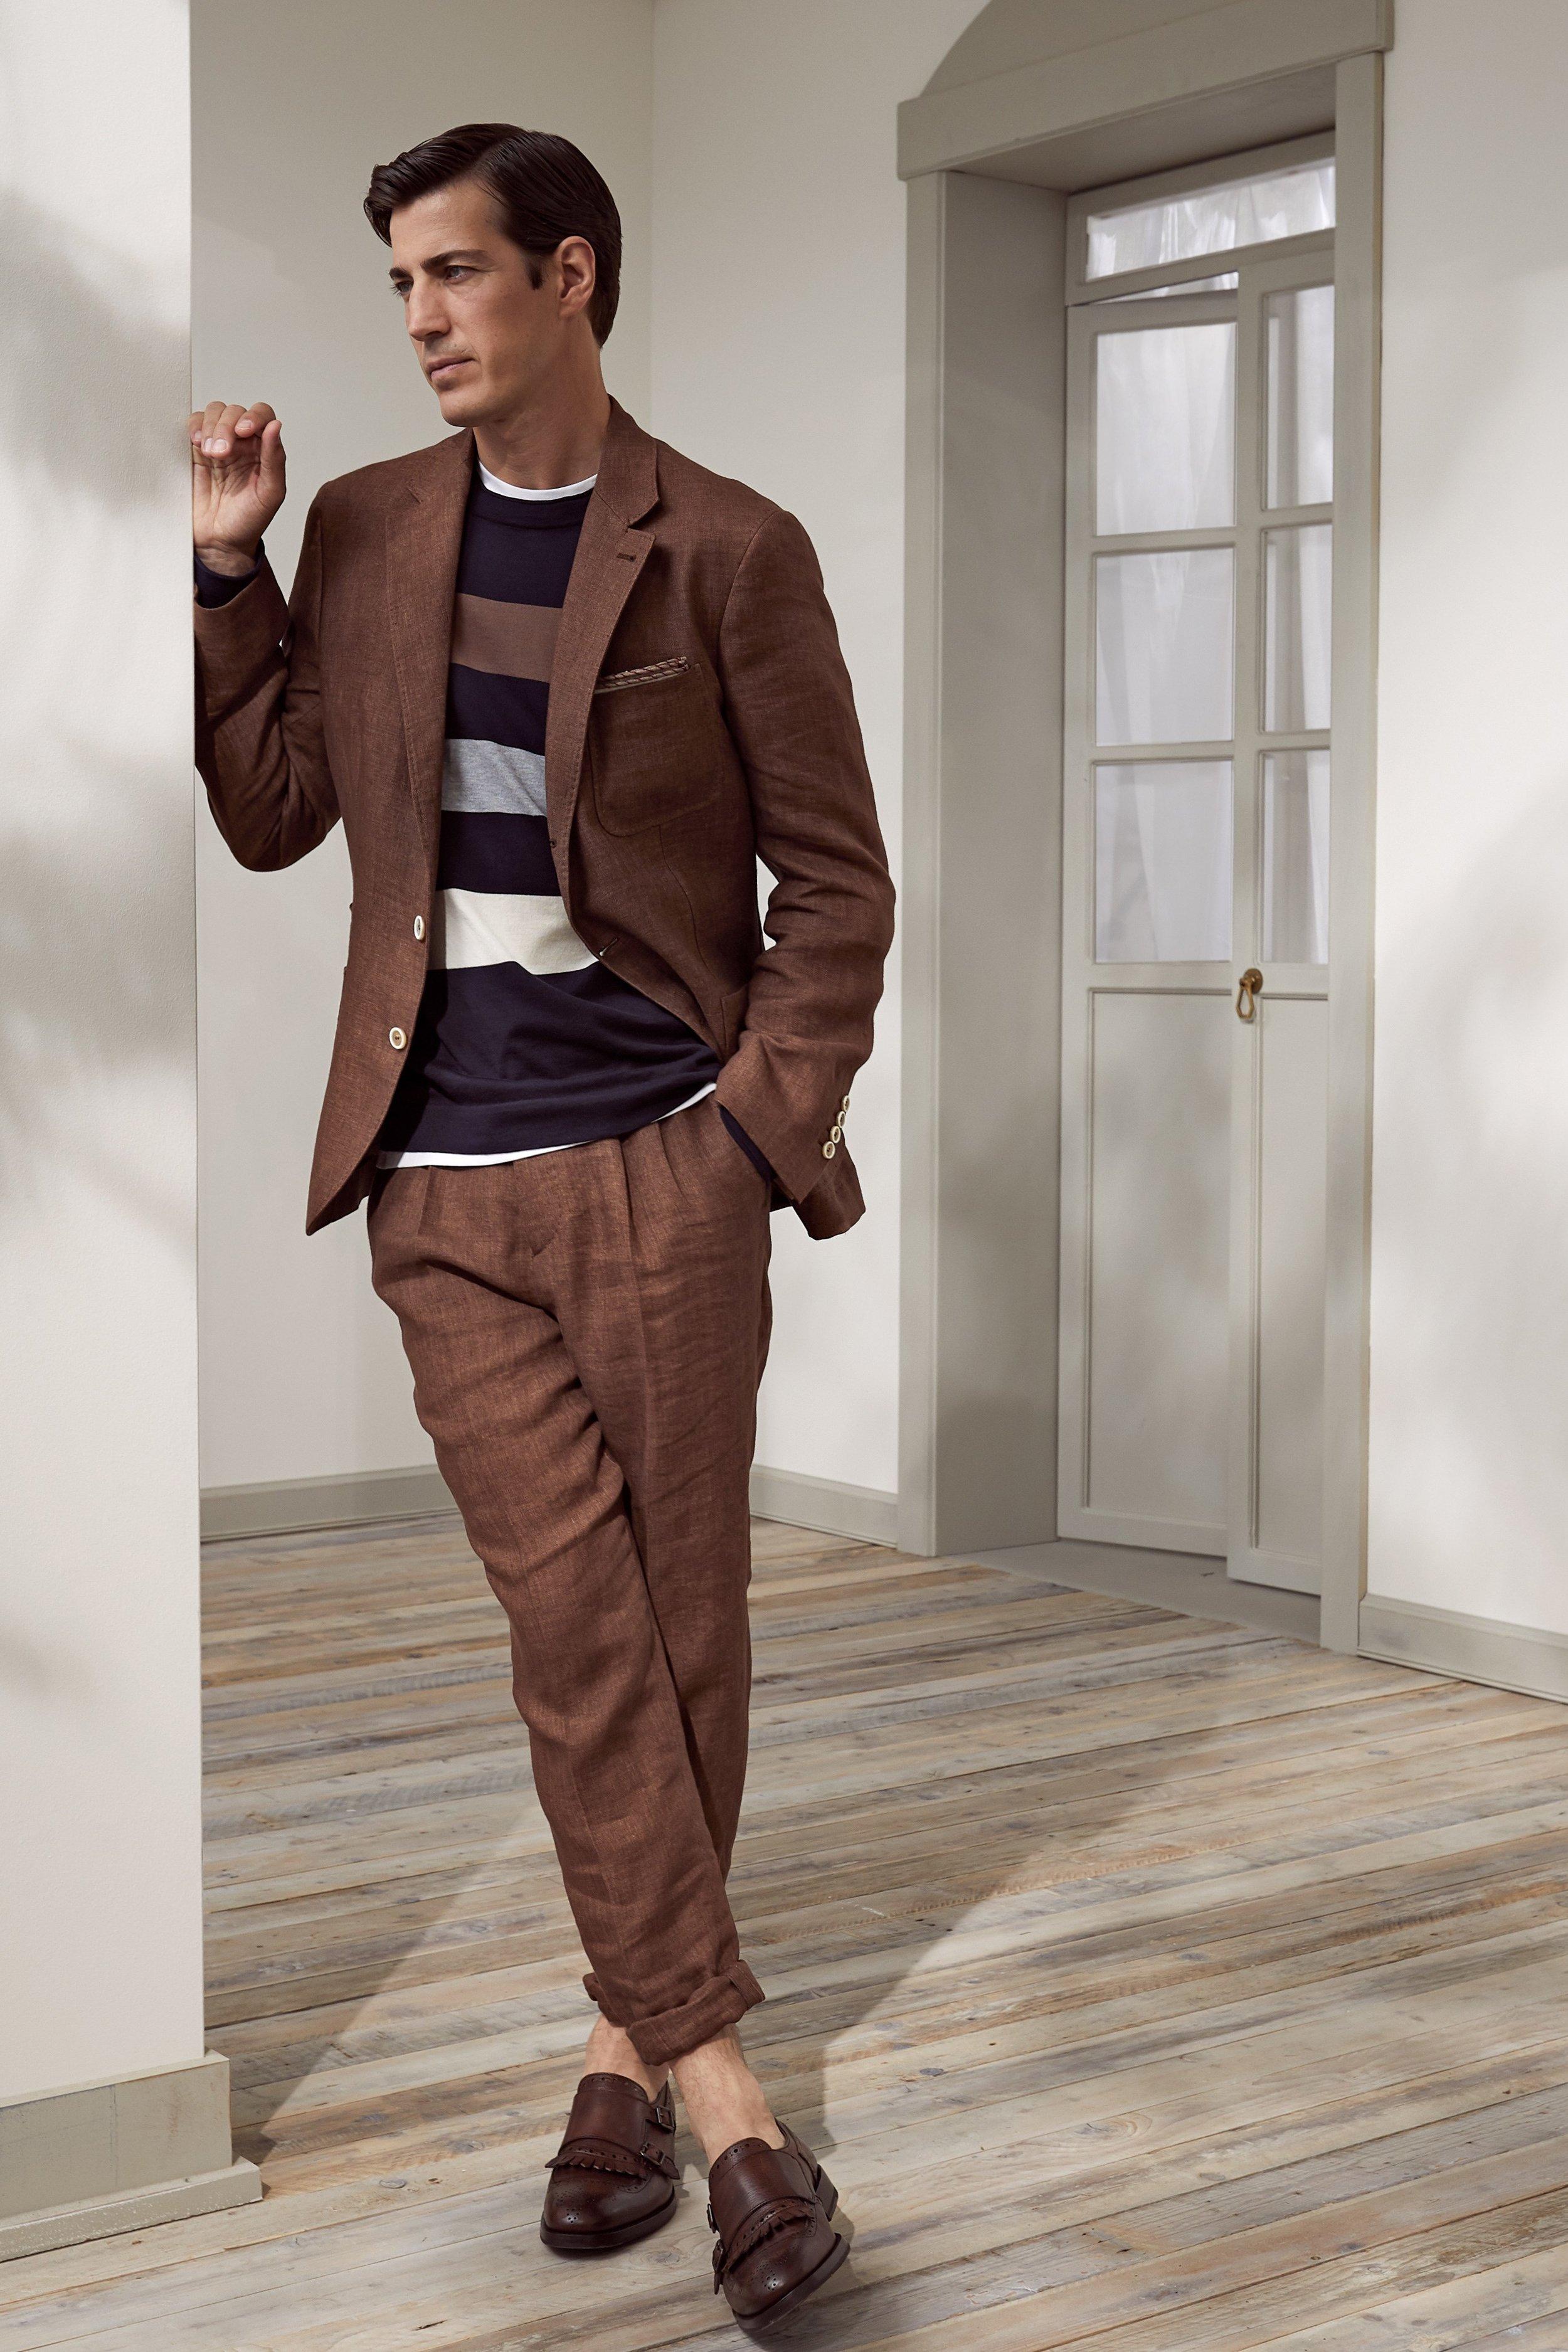 00026-brunello-cucinelli-Vogue-Menswear-SS19-pr.jpg